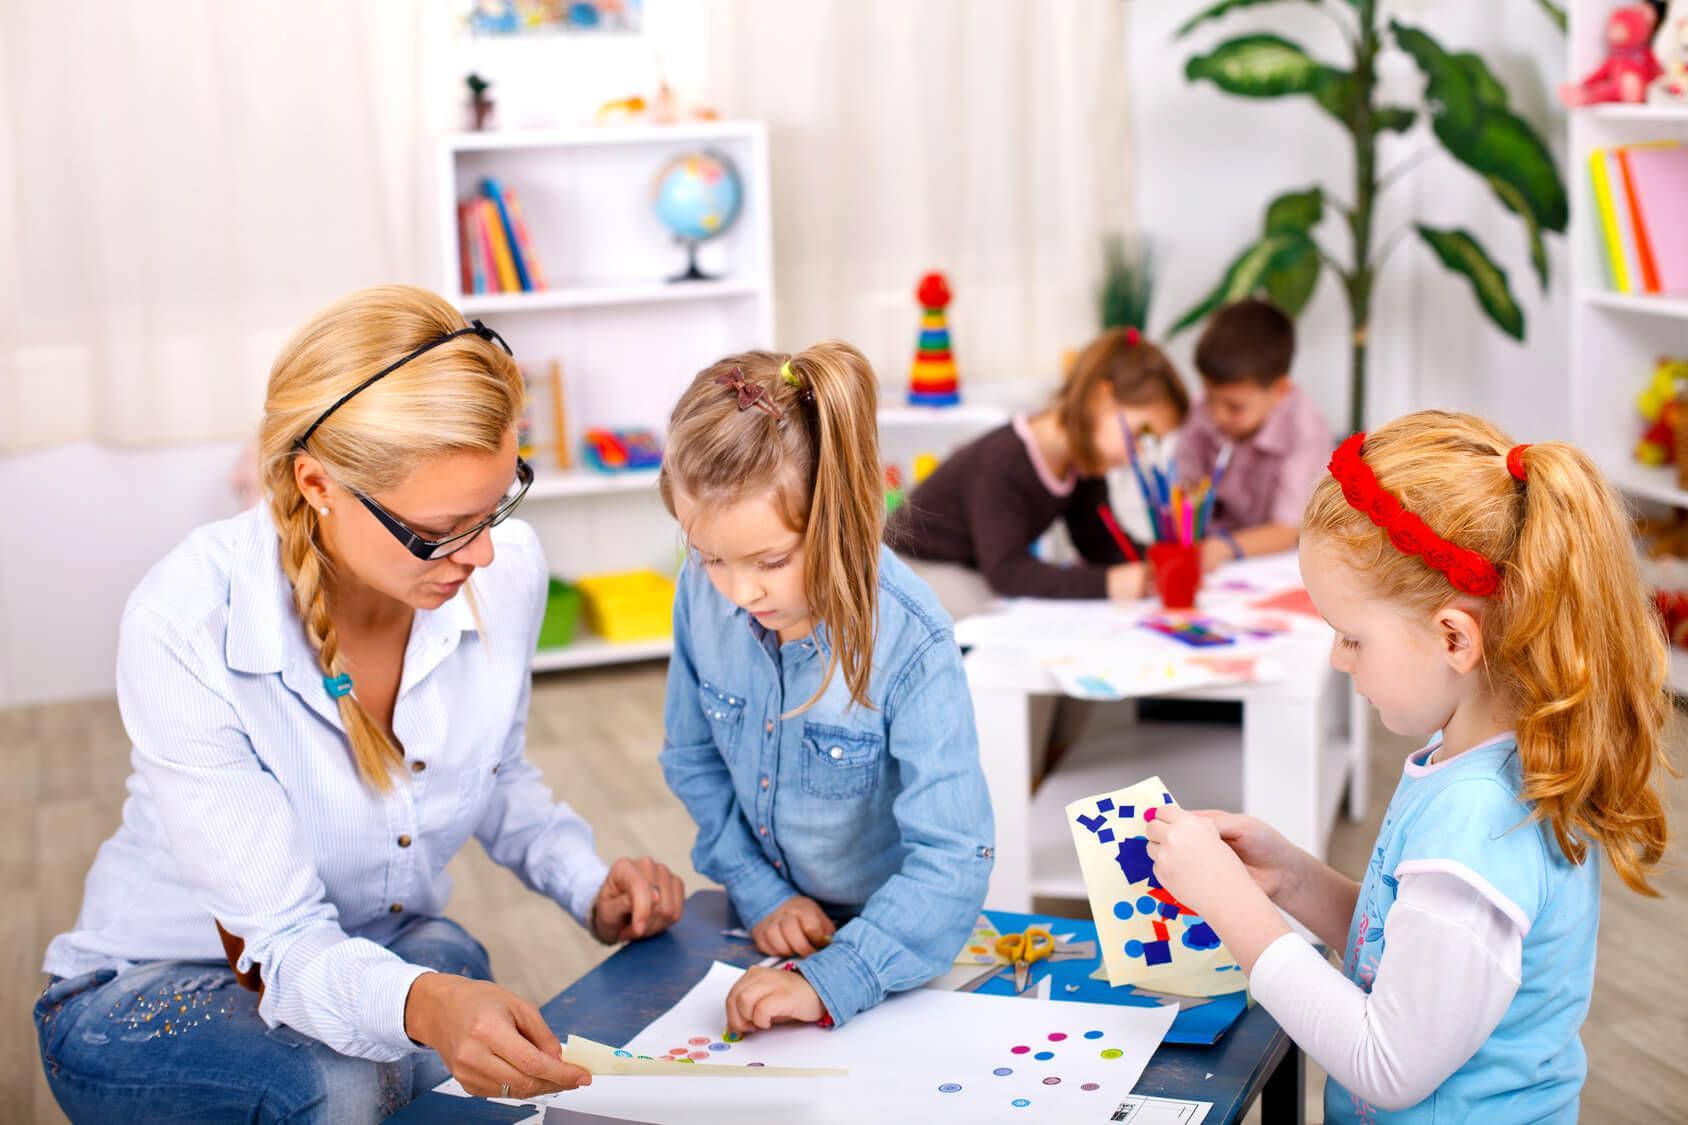 dzieci zajmują się kreatywną pracą w klasie